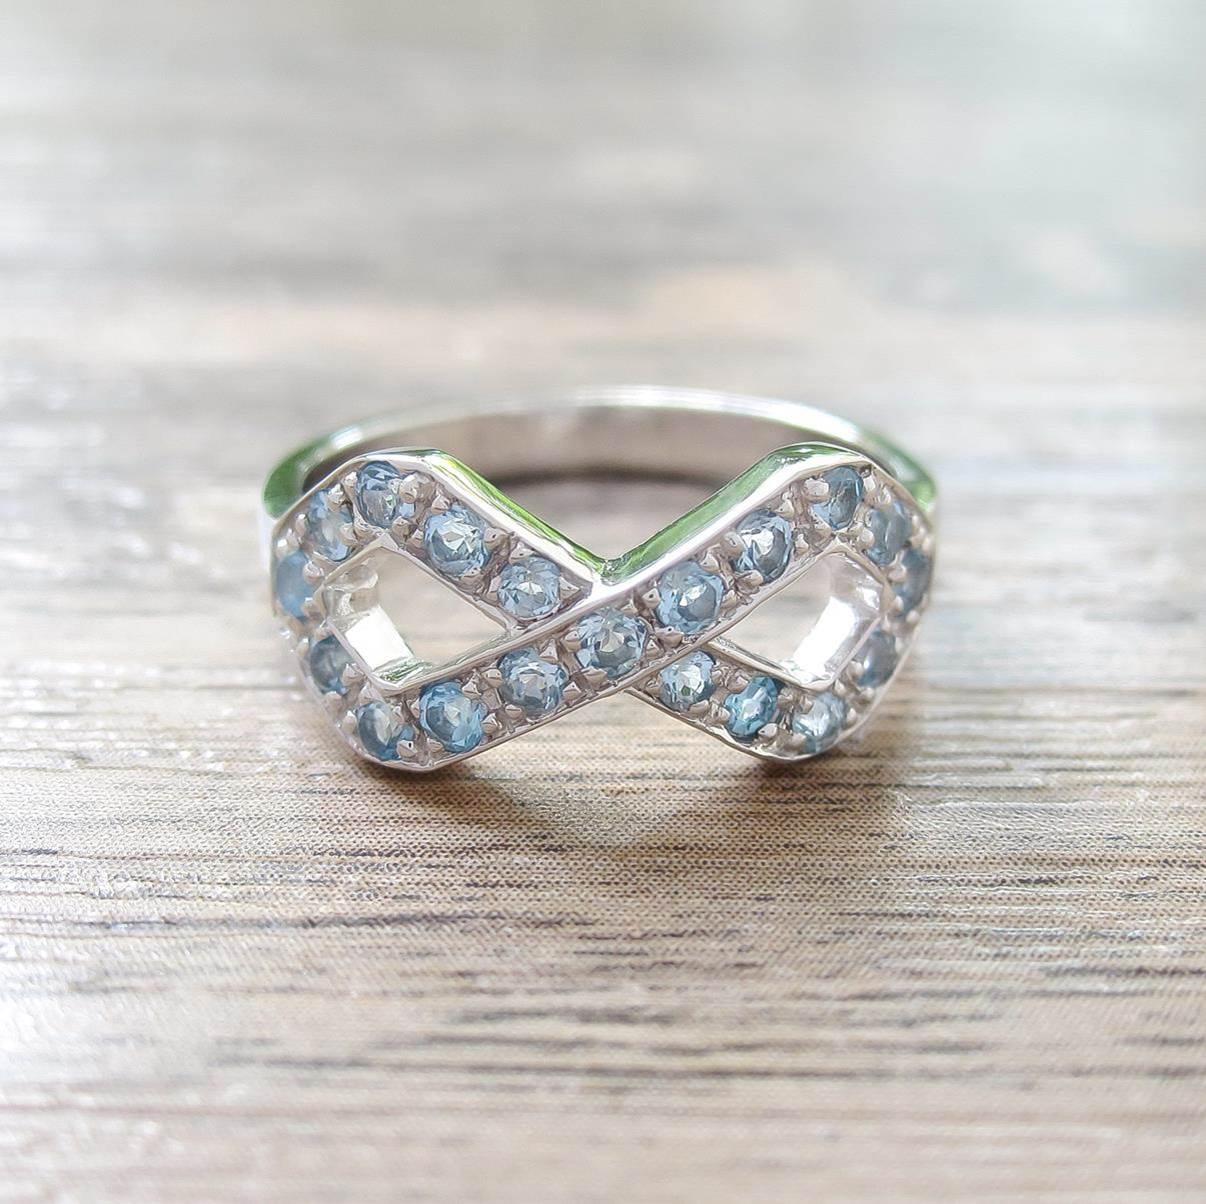 แหวน Blue Topaz จาก Elite & Luck